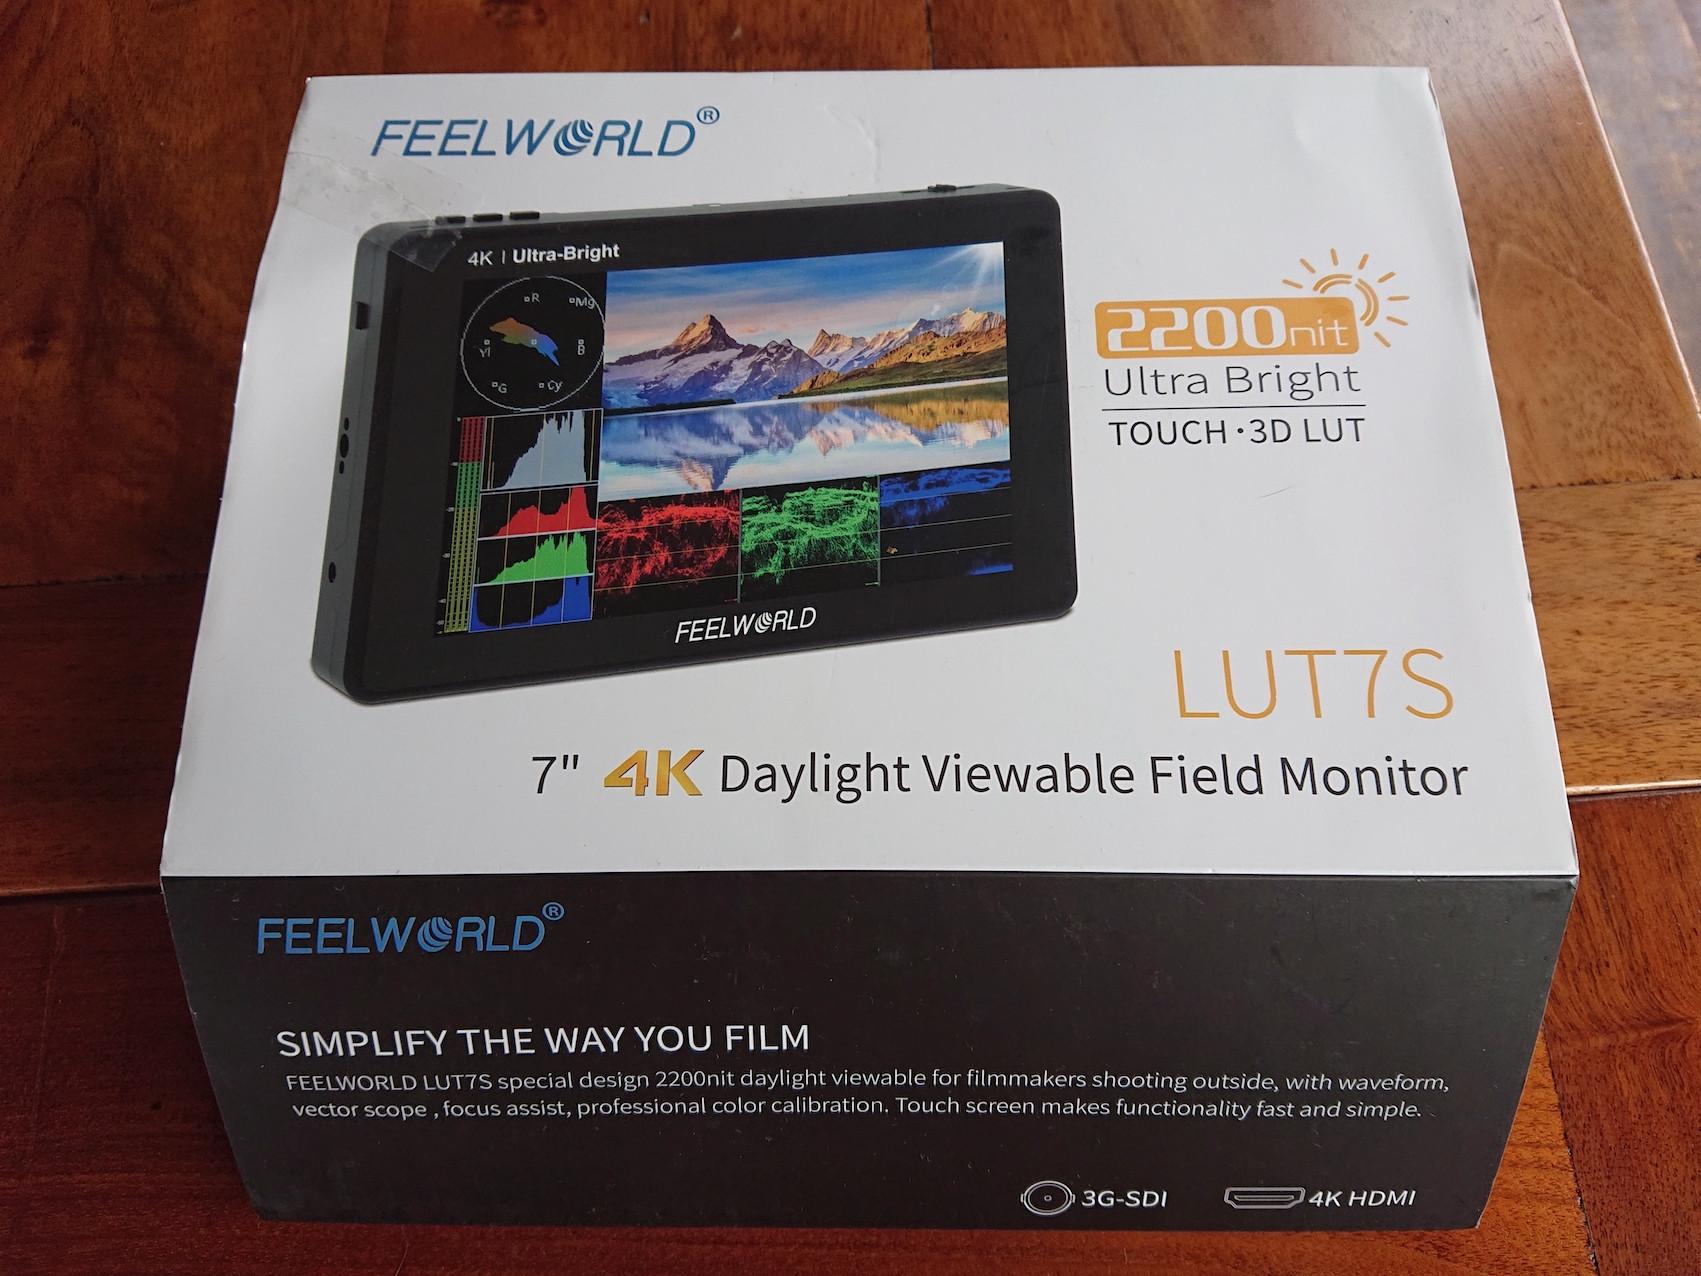 Moniteur vidéo Feelworld LUT7s état neuf